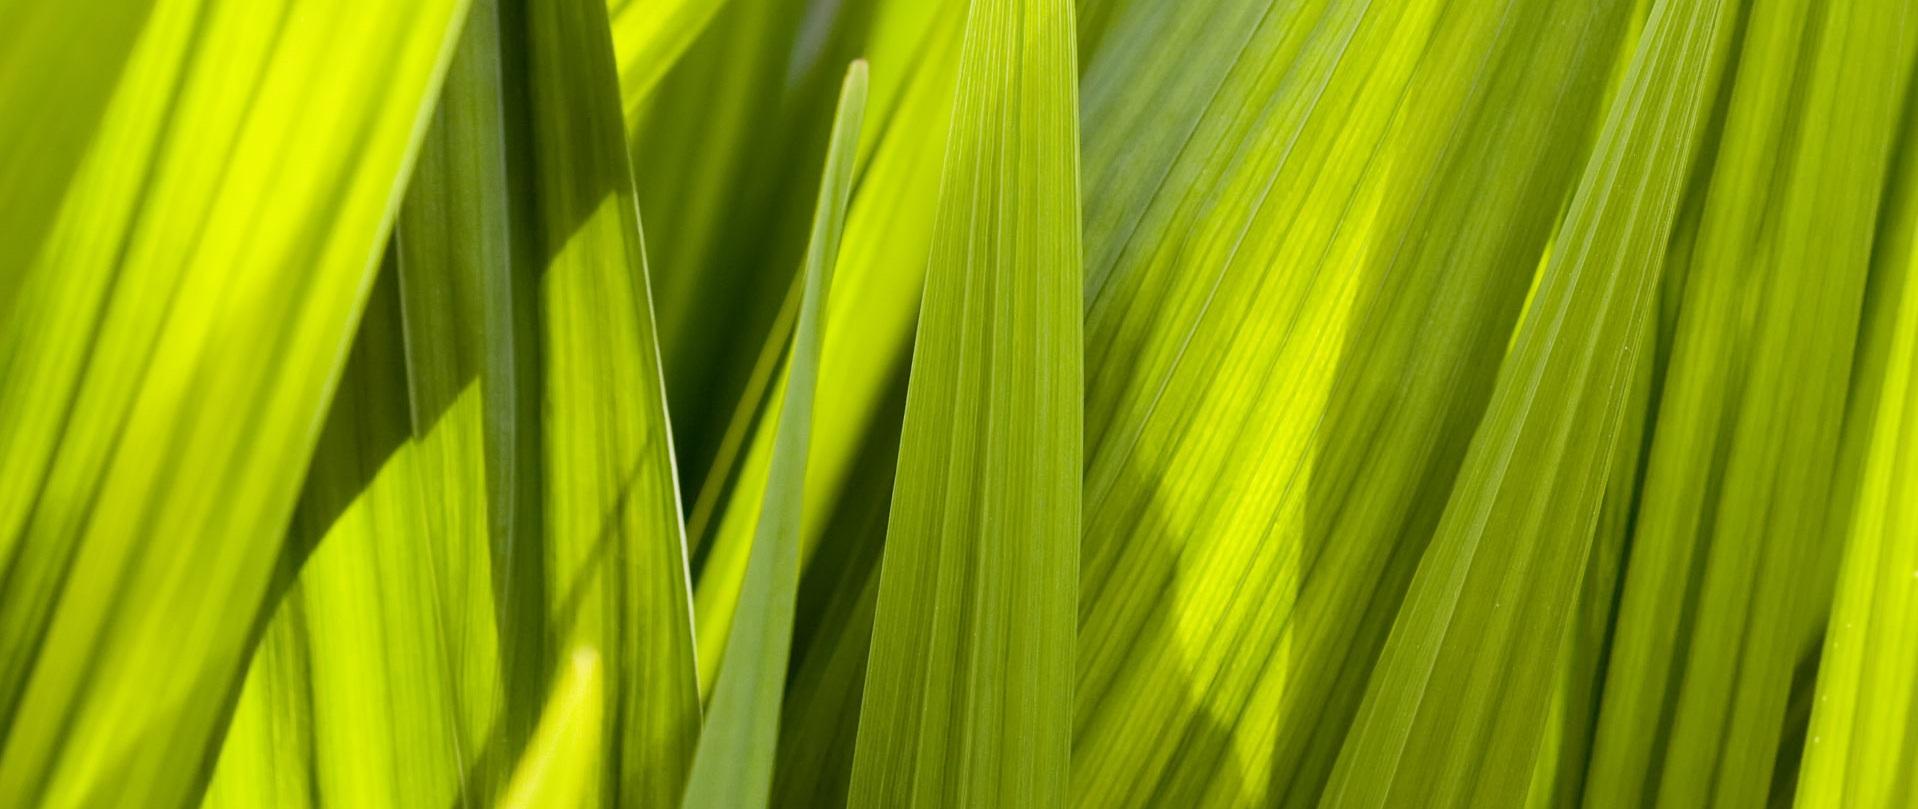 BA 227 - Macro Grass